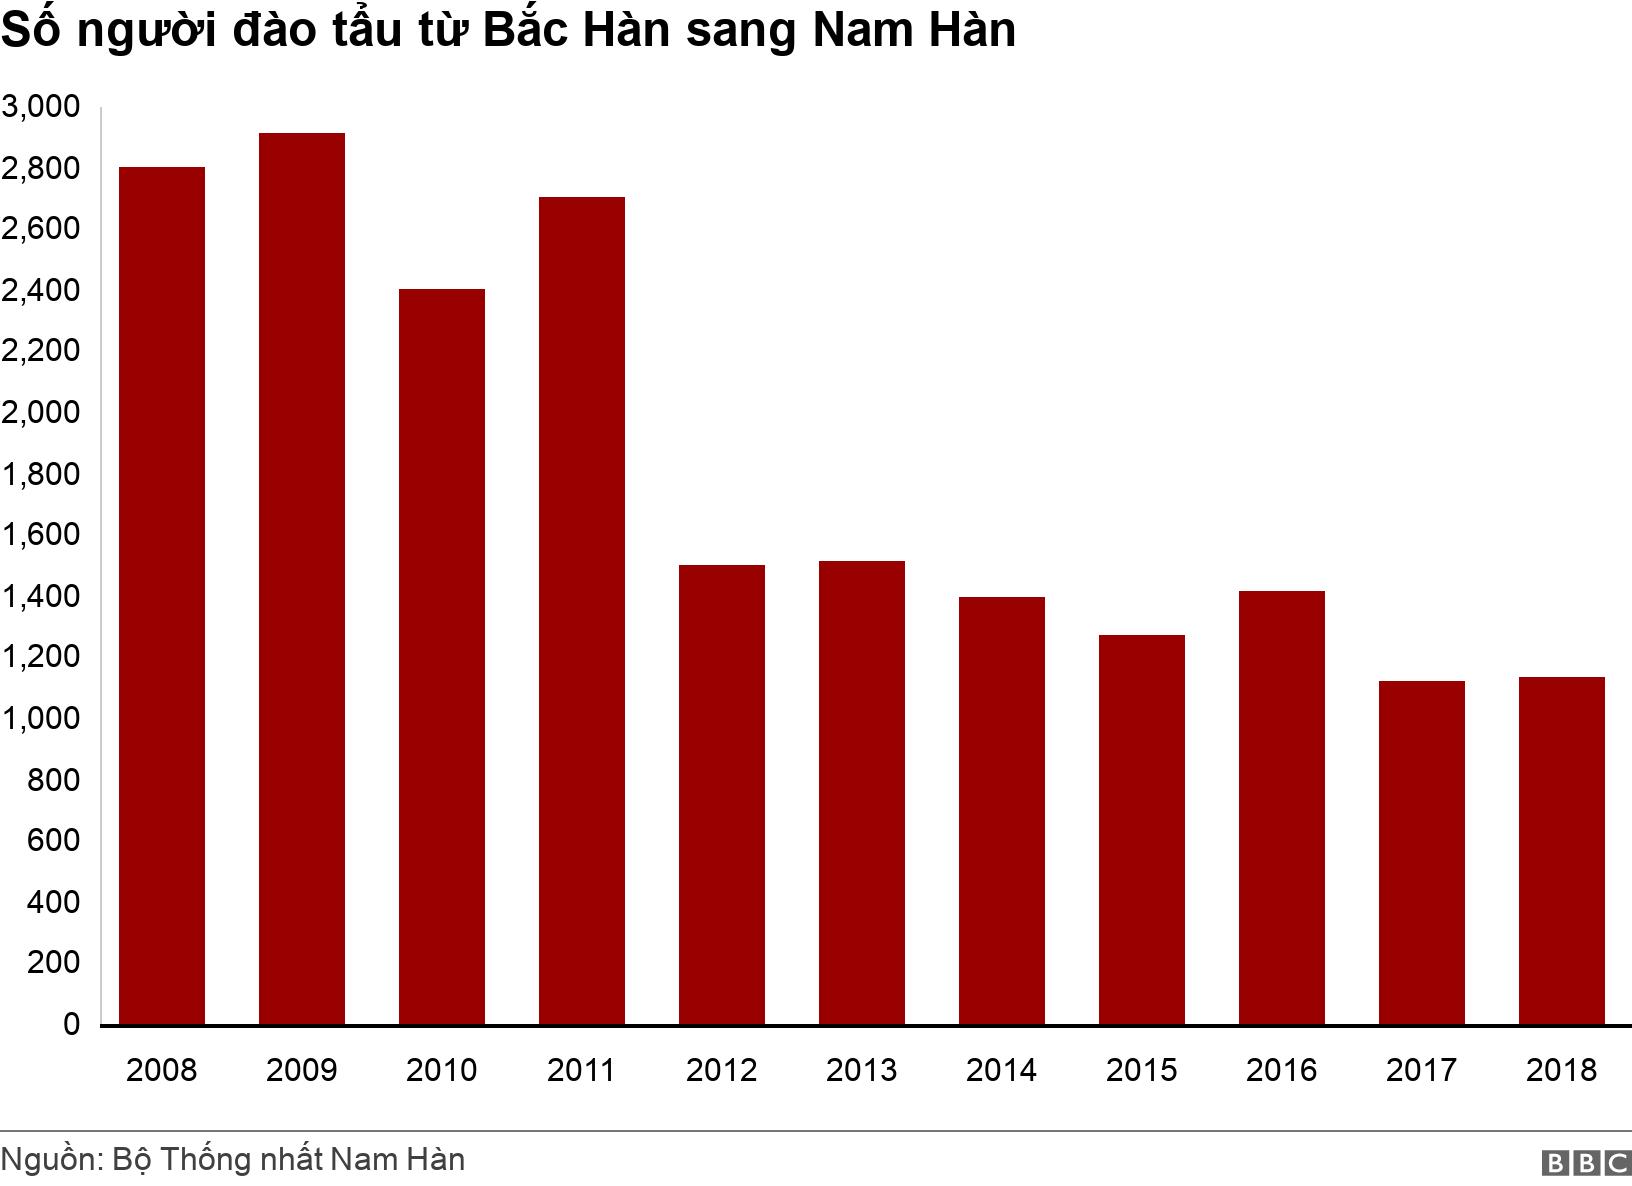 Số người đào tẩu từ Bắc Hàn sang Nam Hàn. . Chart showing defectors from North to South Korea declining over time .